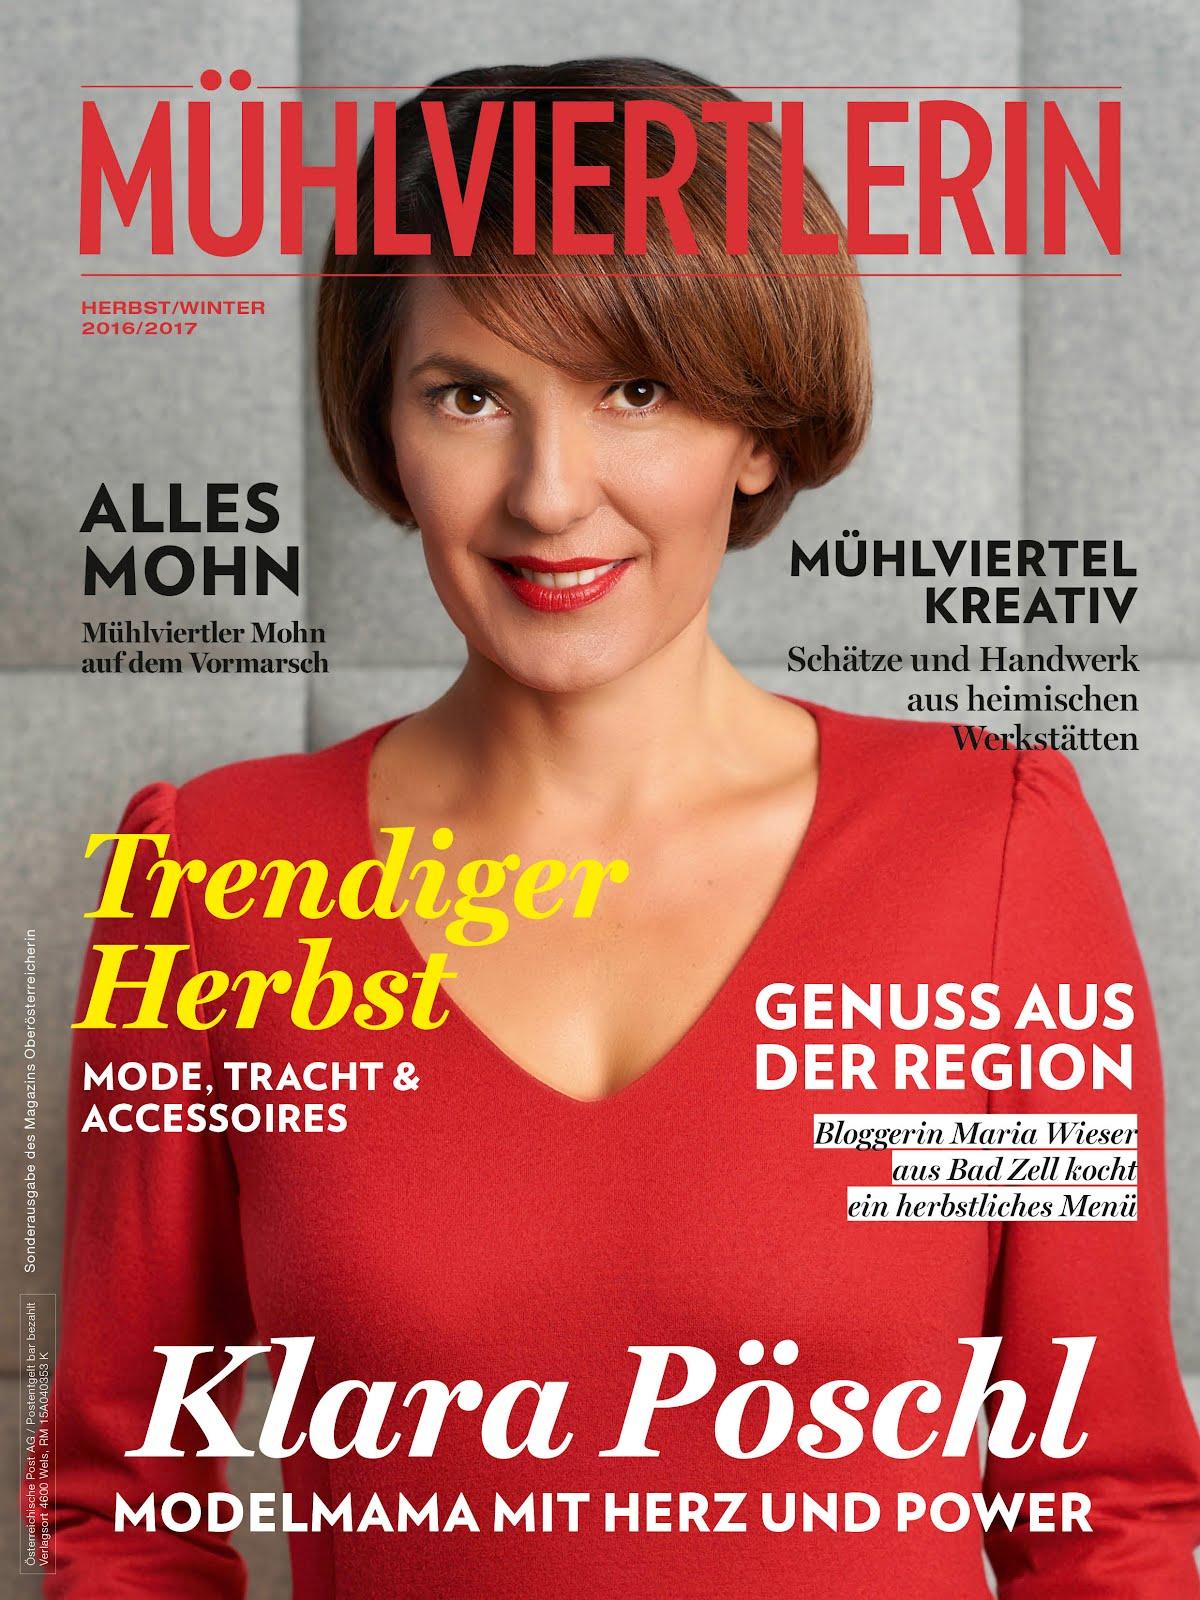 Das Mädel vom Land in der ersten Ausgabe der Mühlviertlerin!